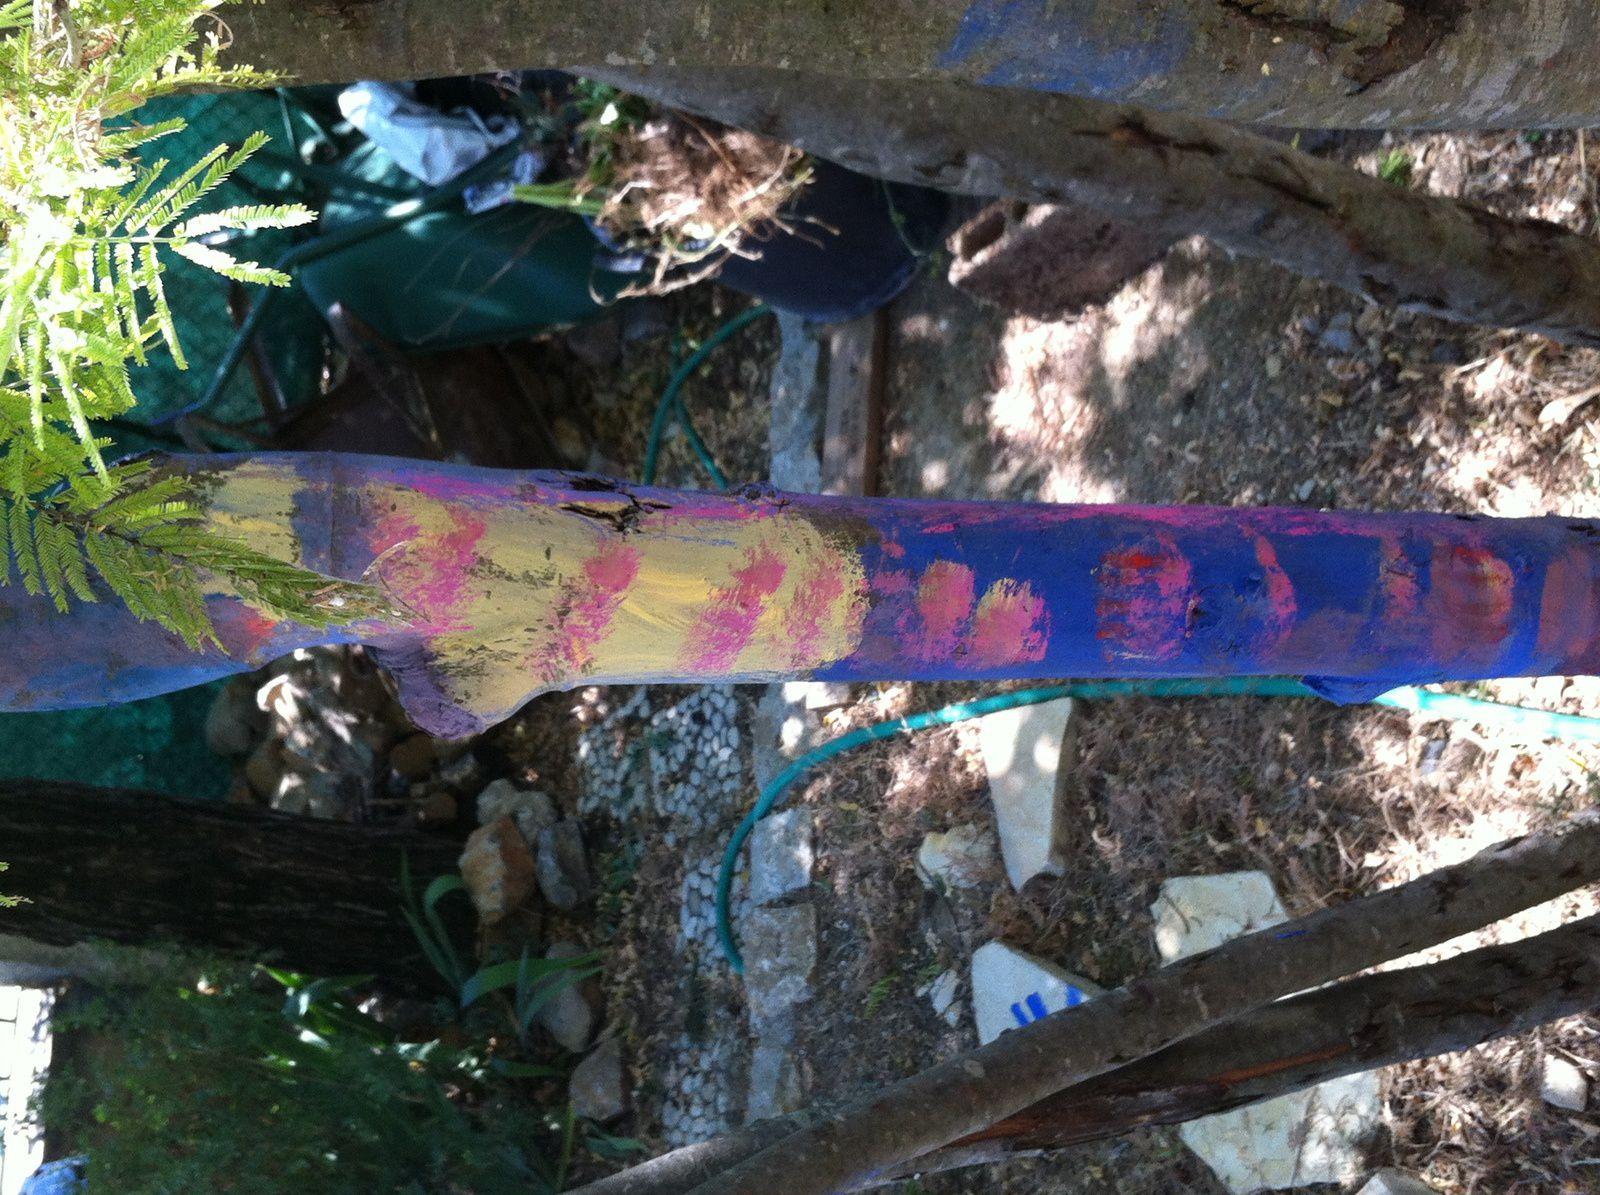 Au jardin de l'art avec les arbres